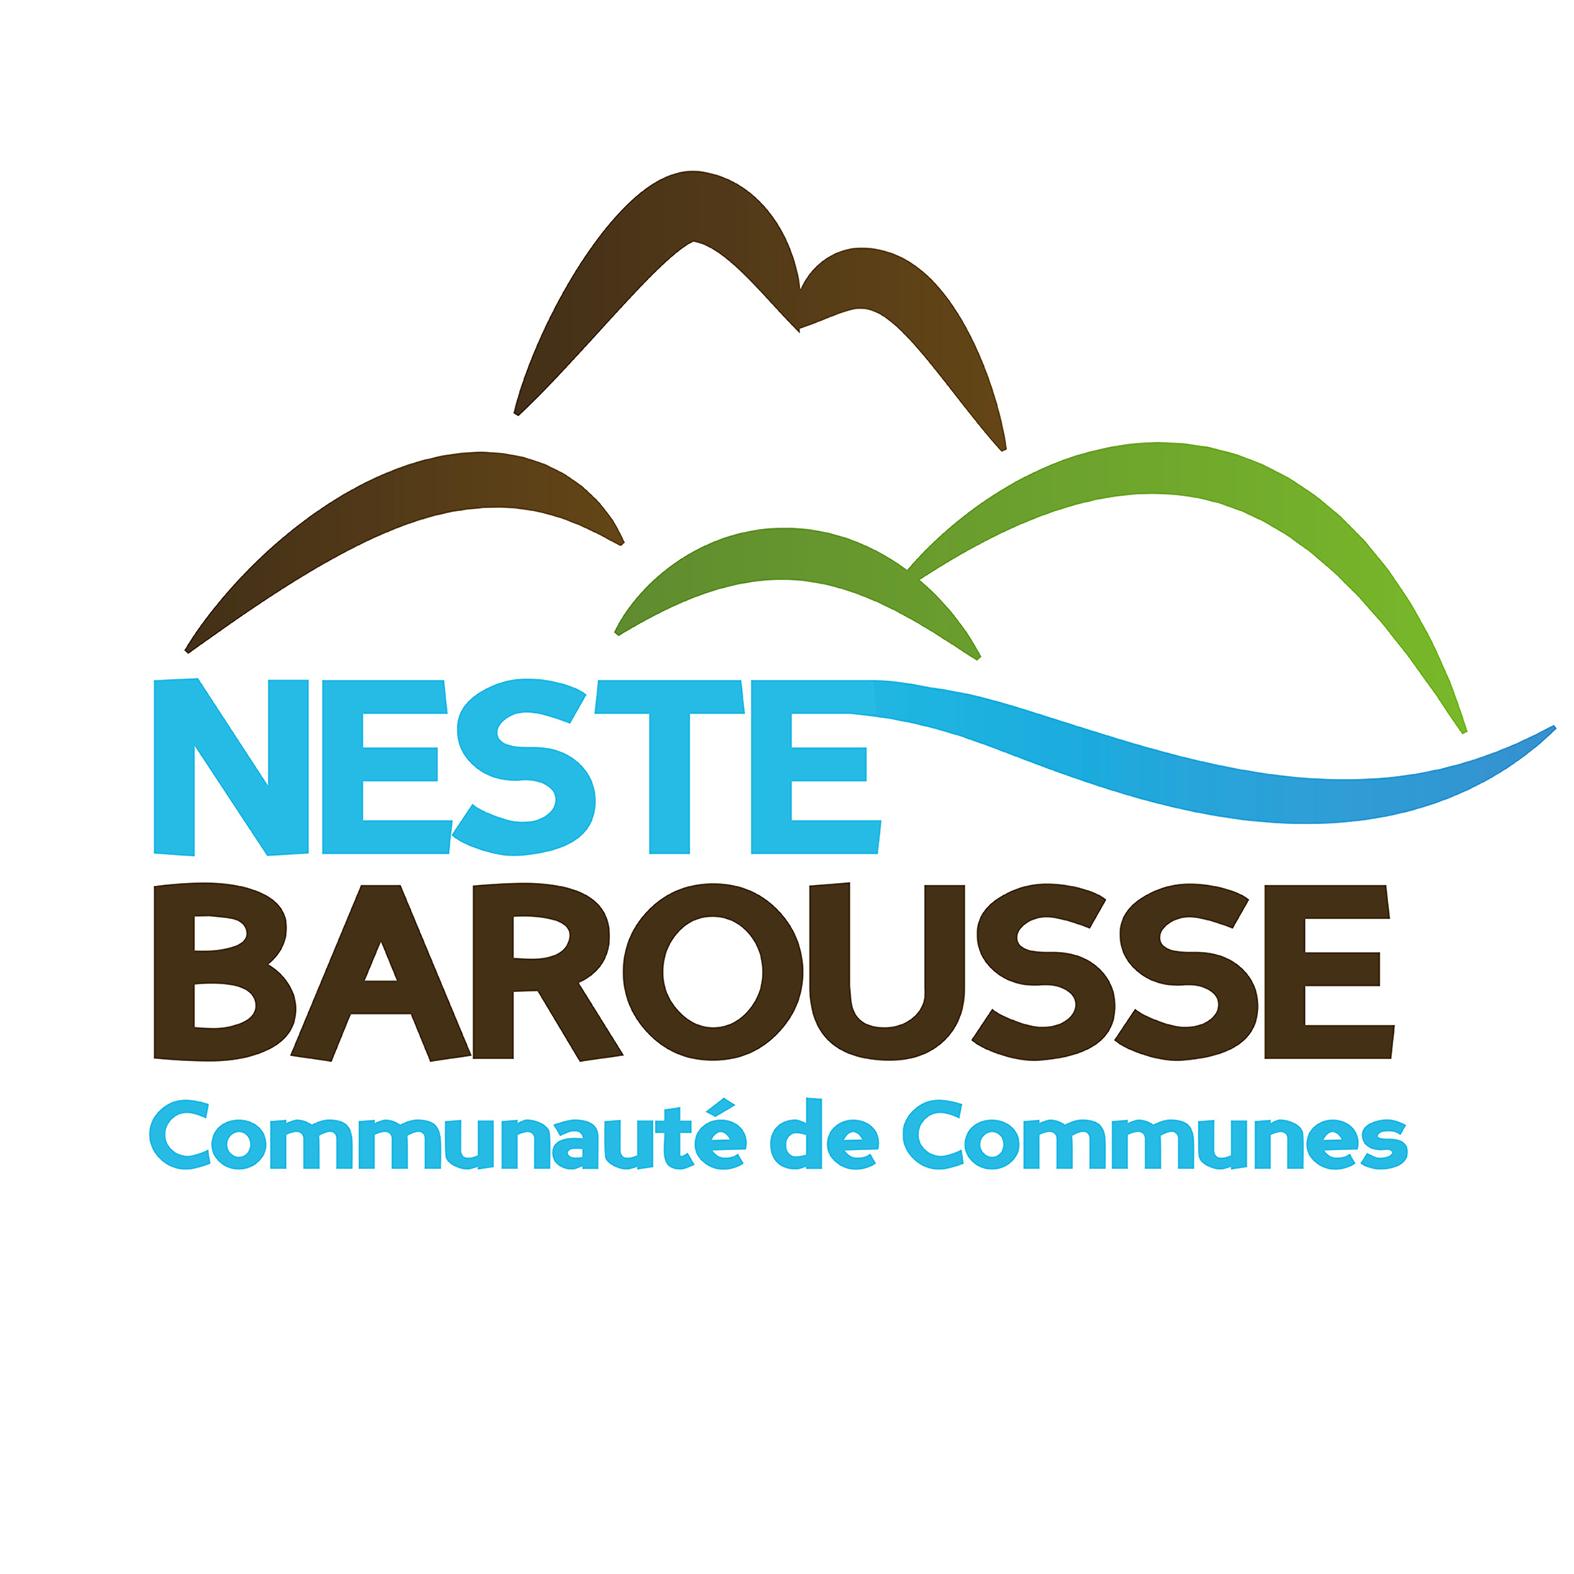 Appel à projet, appel à manifestation d'intérêt, concours - Communauté de Communes Neste Barousse